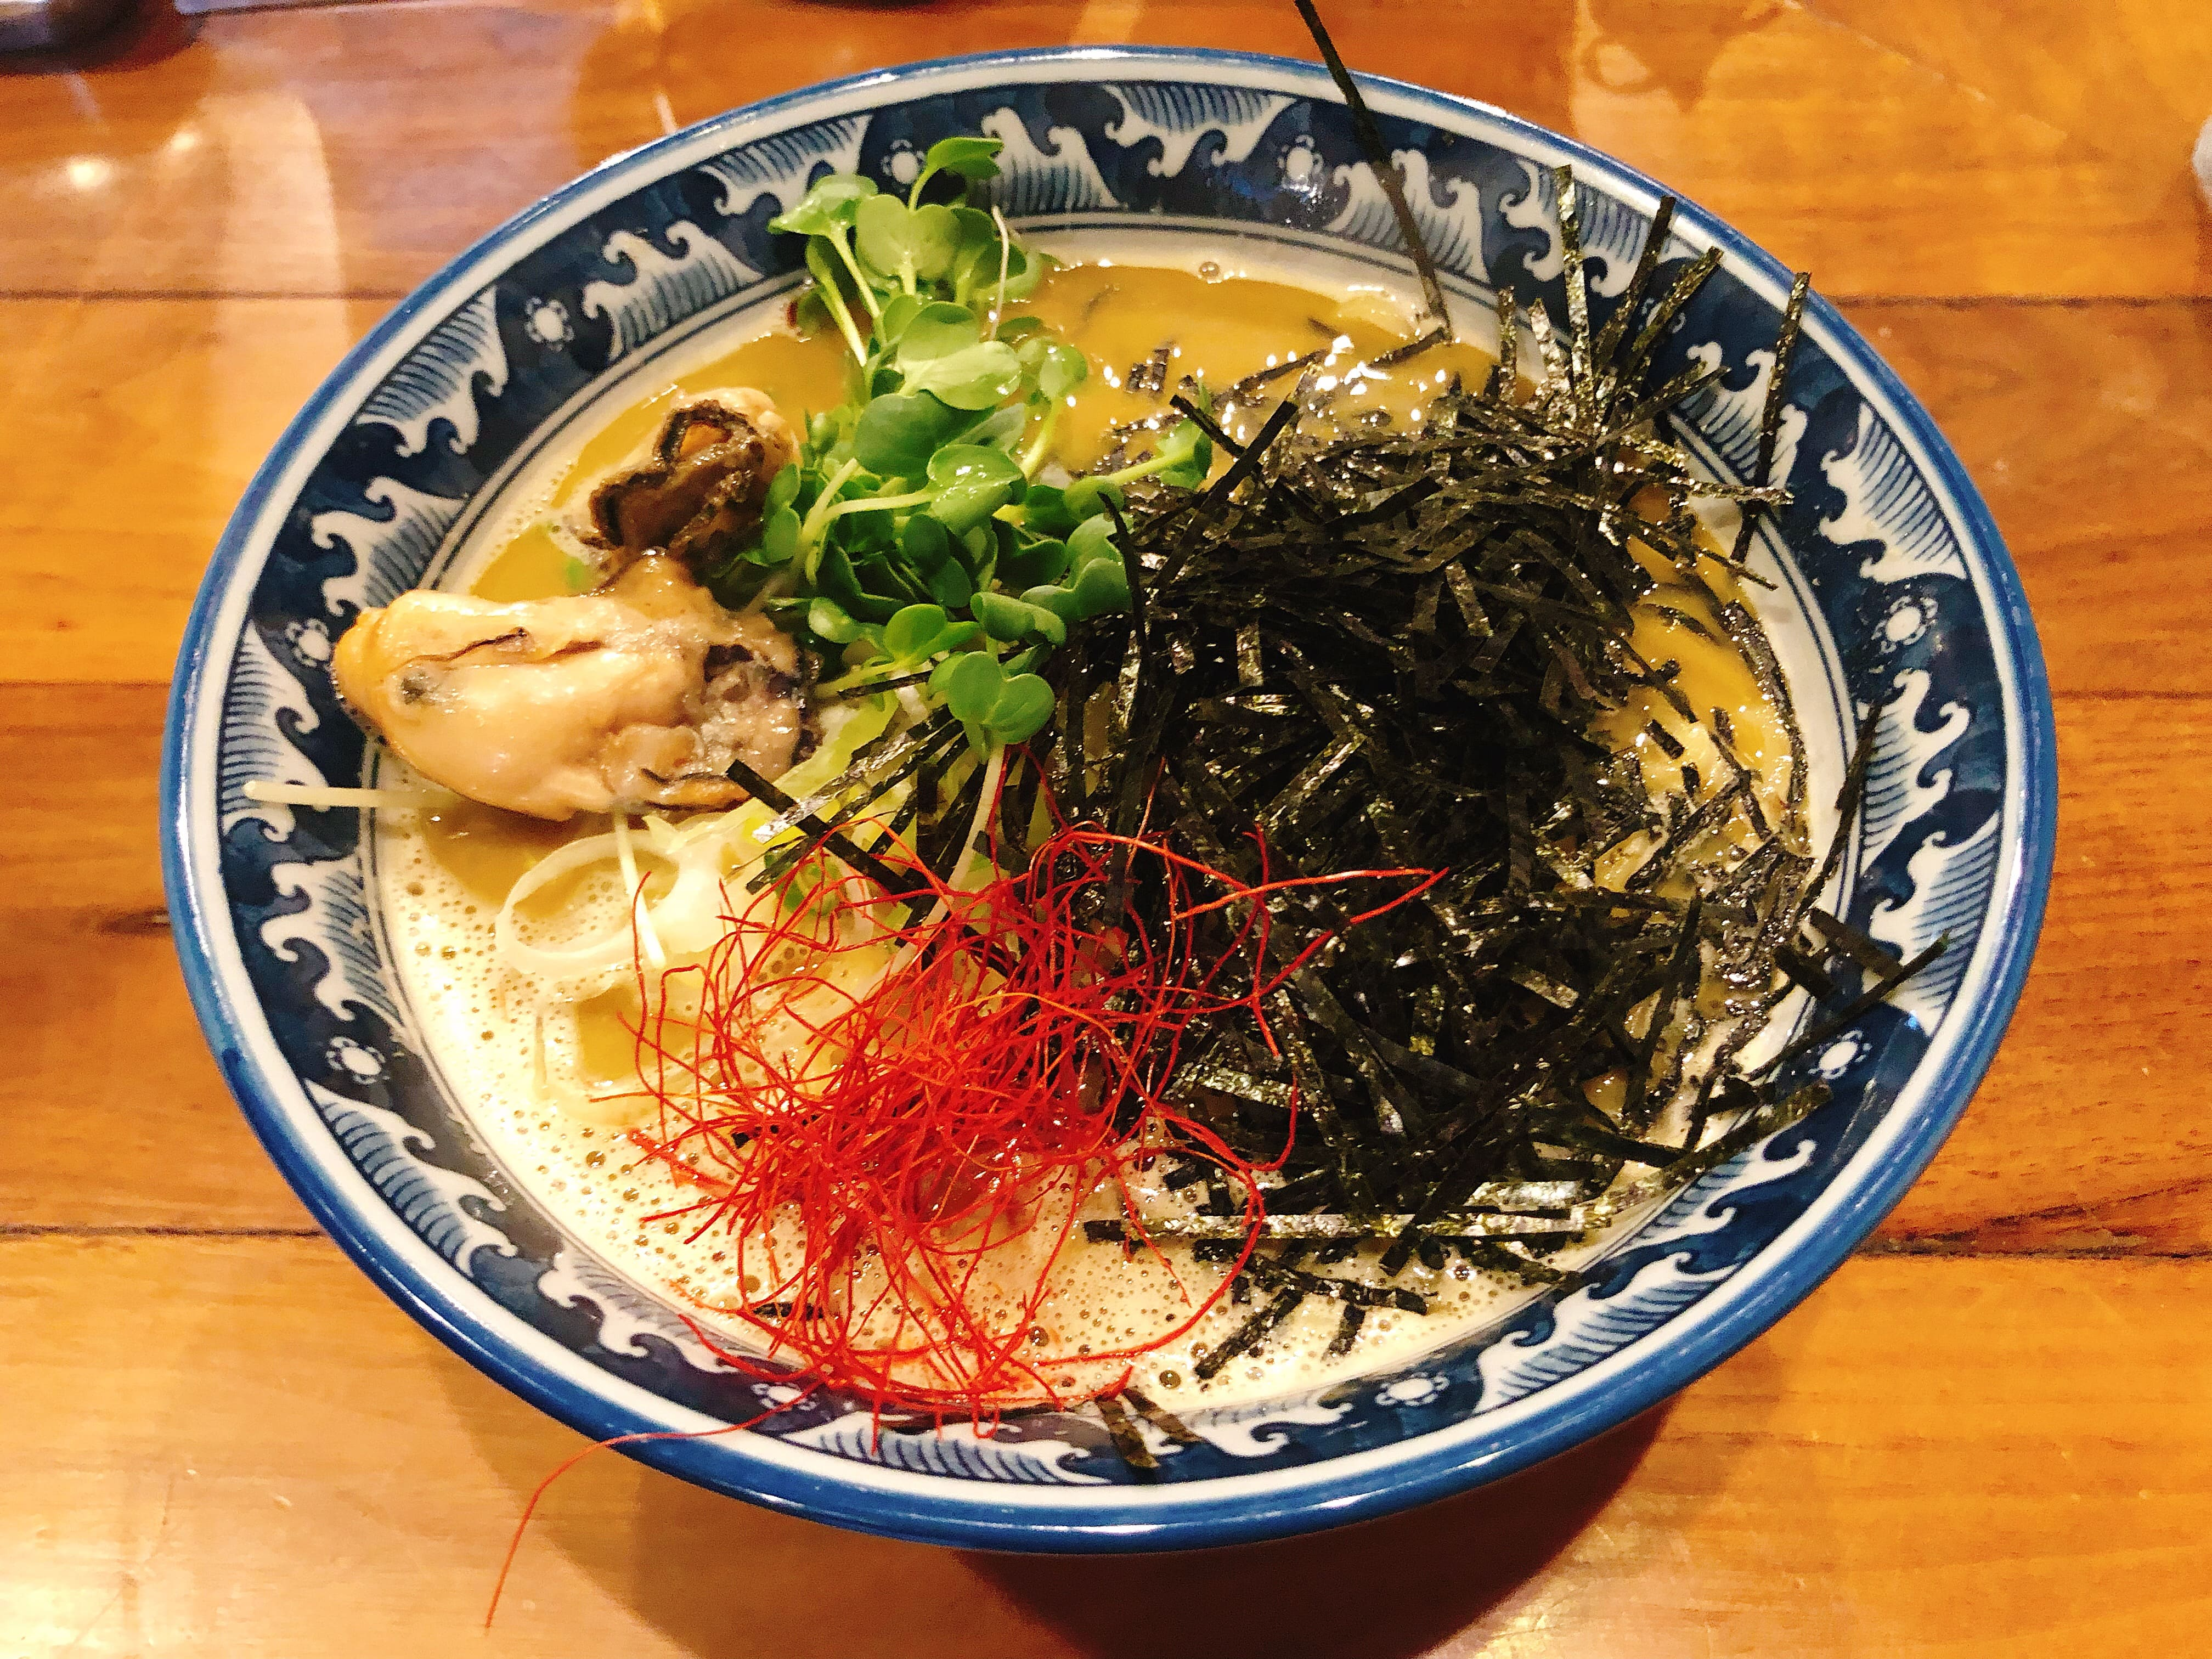 牡蠣の出汁からとった濃厚でクリーミーなスープにプリップリの牡蠣が乗ったラーメン『牡蠣・拉麺』@麺や 佐市【錦糸町】